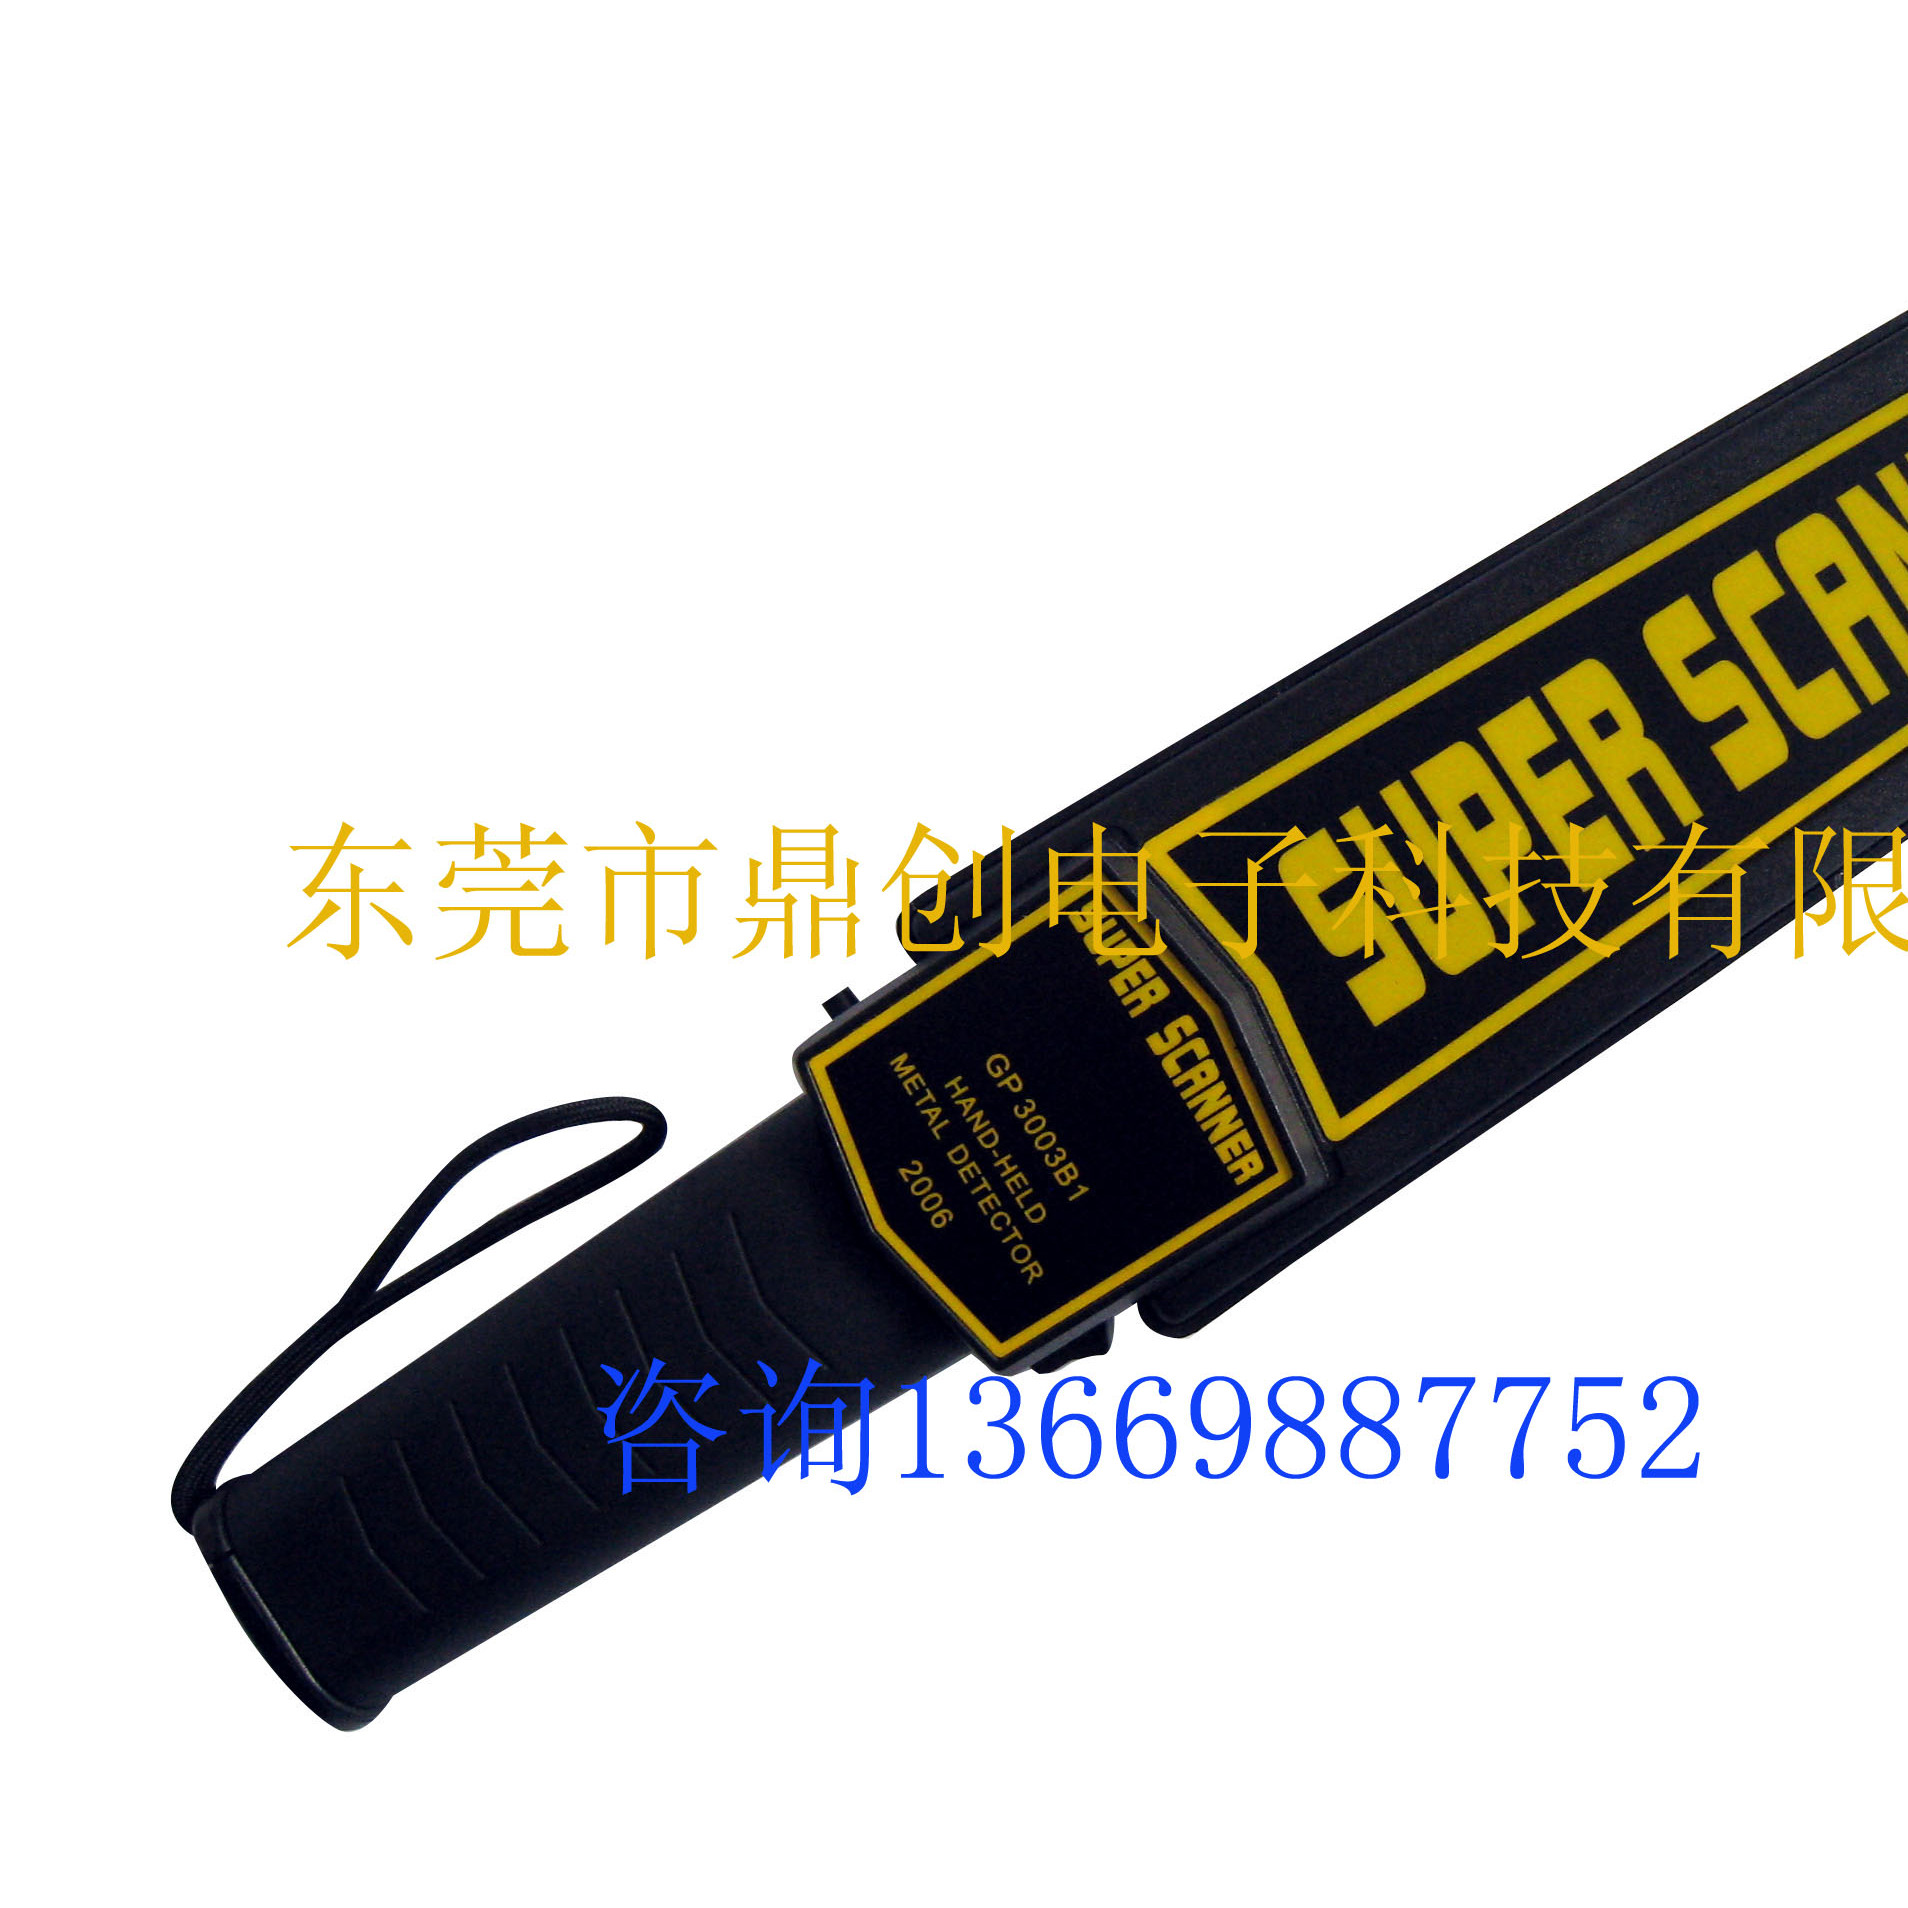 木材金属探测器手持安全金属探测器安检3003B1高灵敏度手持探测器